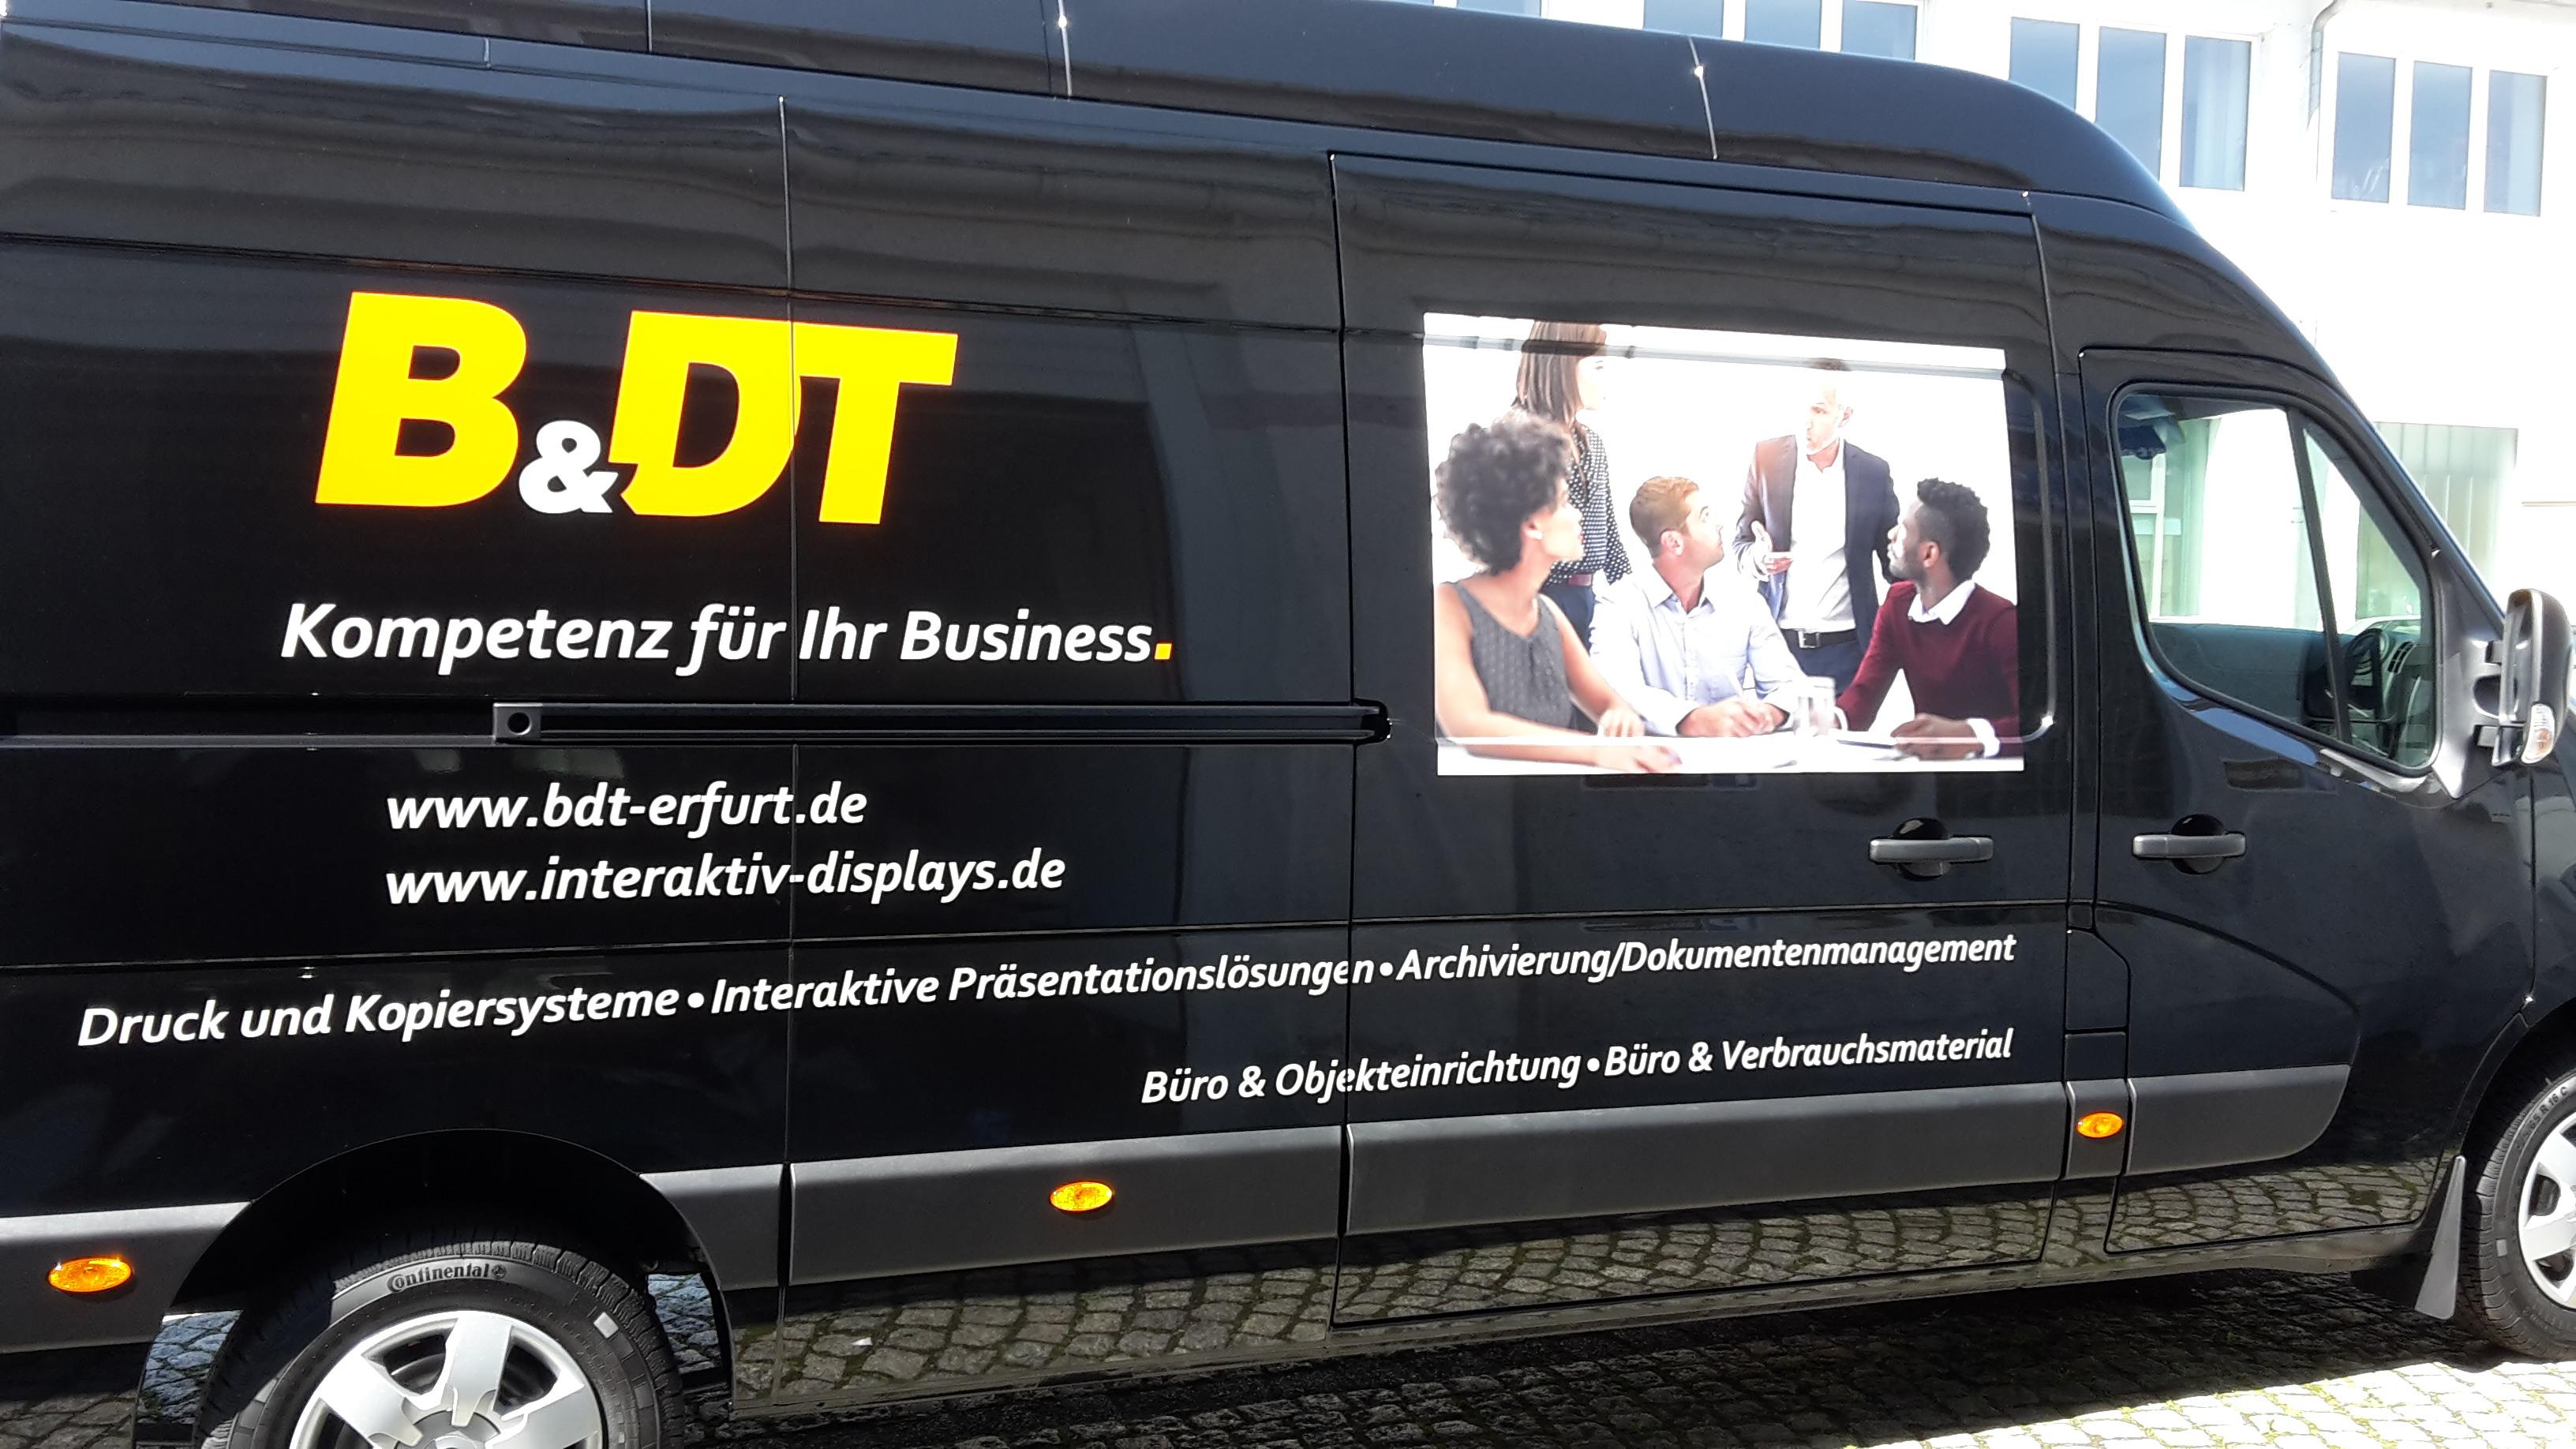 Fahrzeugbeschriftung bdt Erfurt